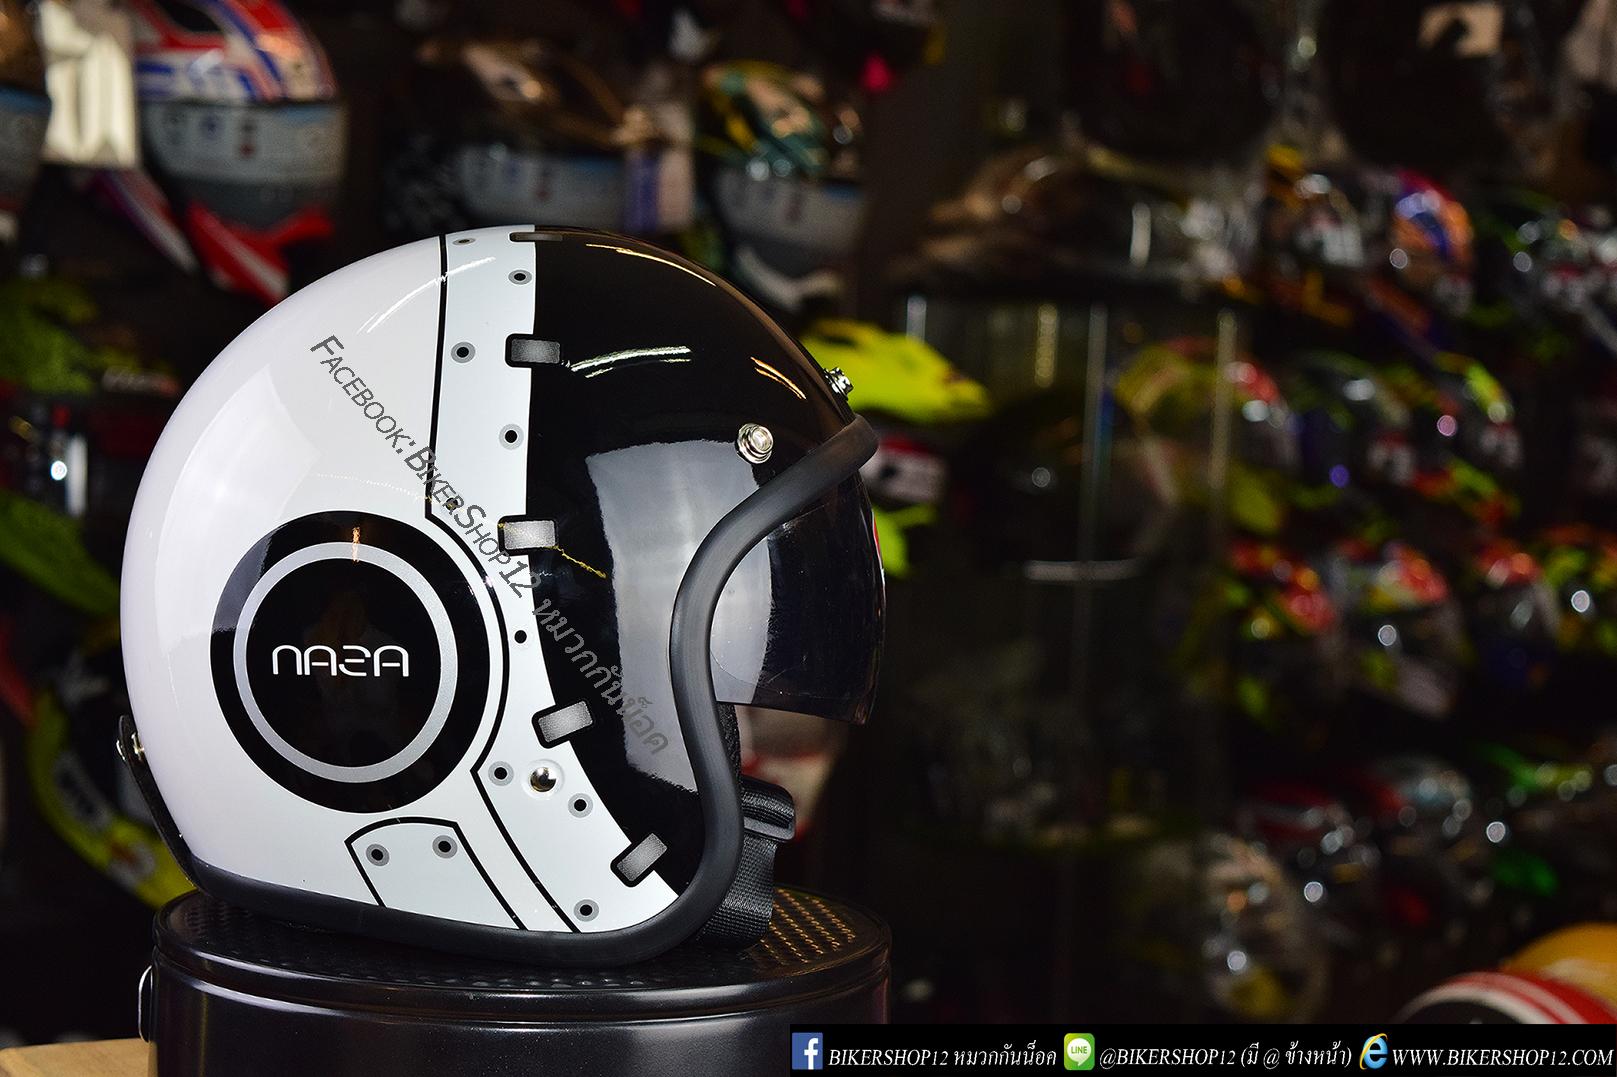 หมวกกันน็อคคลาสสิก 5เป๊ก (มีแว่น) สี Nasa Black-White